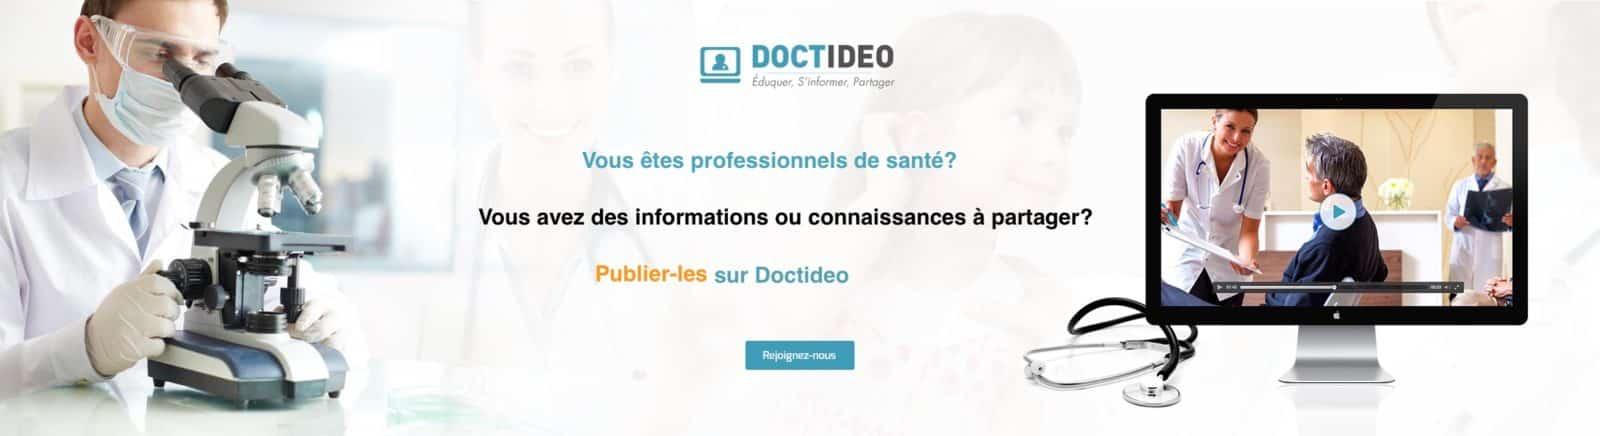 doctideo 01 4